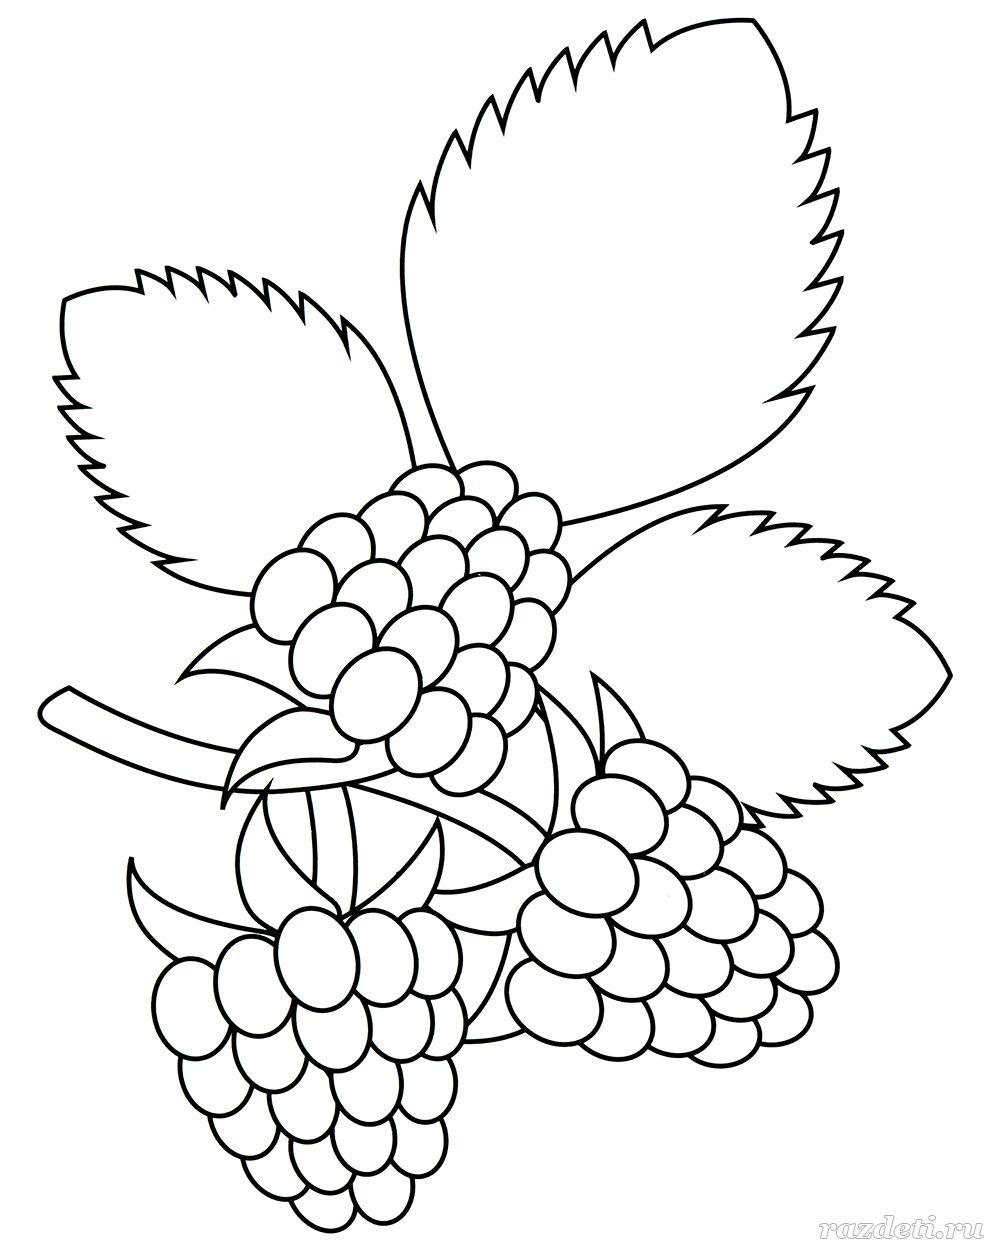 Раскраска. Ягоды малины